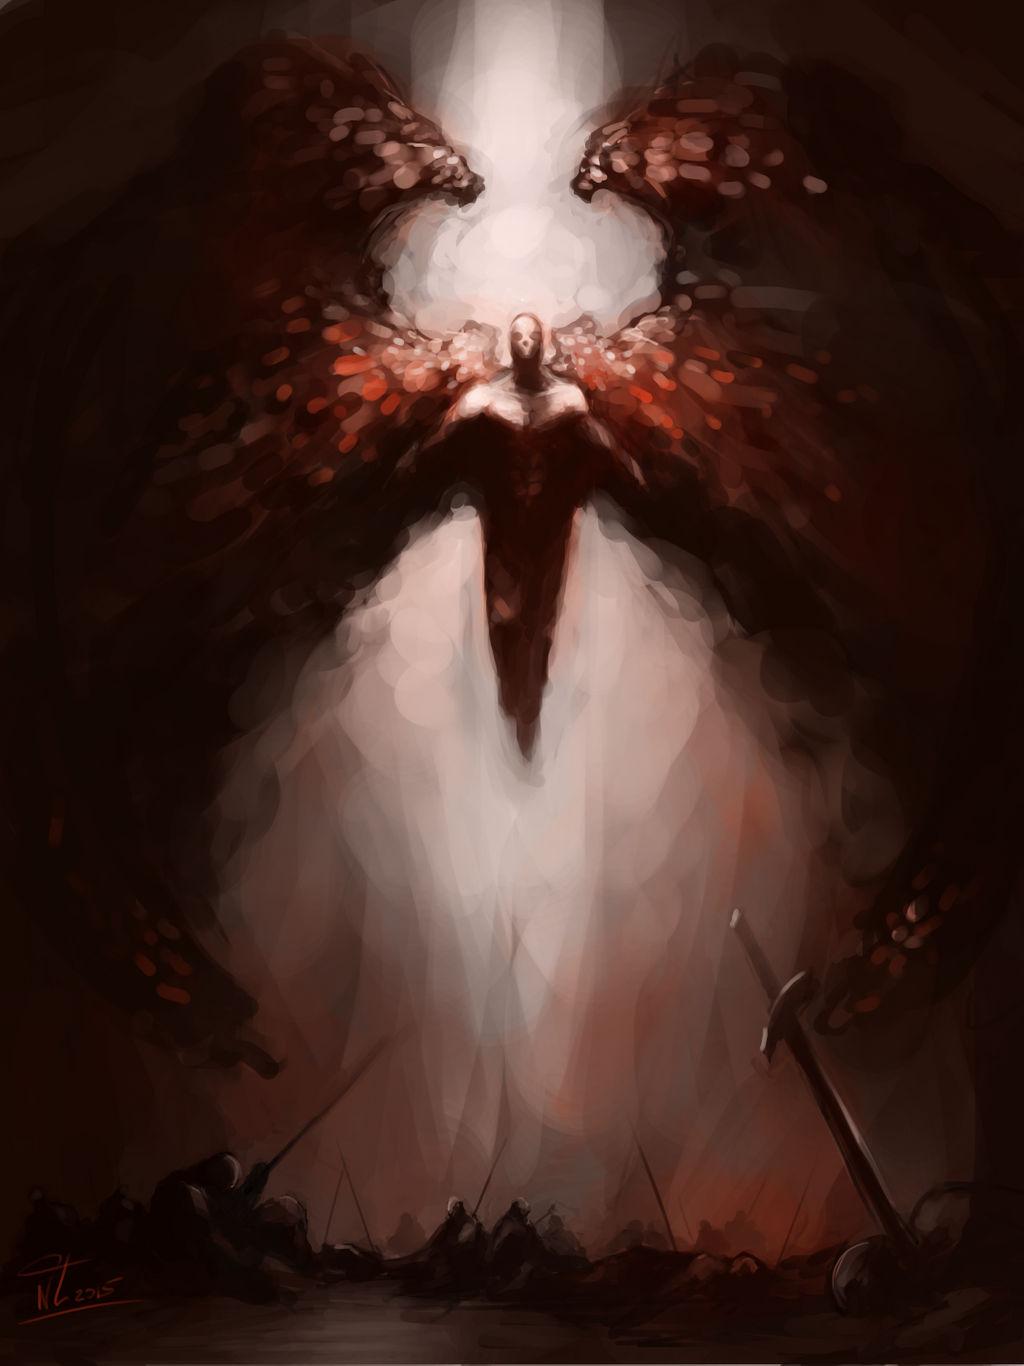 Философия в картинках - Страница 35 Angel_of_carnage_by_naznamy_d8mczdq-fullview.jpg?token=eyJ0eXAiOiJKV1QiLCJhbGciOiJIUzI1NiJ9.eyJzdWIiOiJ1cm46YXBwOjdlMGQxODg5ODIyNjQzNzNhNWYwZDQxNWVhMGQyNmUwIiwiaXNzIjoidXJuOmFwcDo3ZTBkMTg4OTgyMjY0MzczYTVmMGQ0MTVlYTBkMjZlMCIsIm9iaiI6W1t7ImhlaWdodCI6Ijw9MTM2NiIsInBhdGgiOiJcL2ZcLzgyYzhjMjcwLTA4ZWItNDA3YS1iMGJhLWYzNDBhMmYzZTk2M1wvZDhtY3pkcS0zMzZjYzM2OS0zNjQwLTQ5ZDUtODQzNy0zZDFiOWY1ZDM2YmUucG5nIiwid2lkdGgiOiI8PTEwMjQifV1dLCJhdWQiOlsidXJuOnNlcnZpY2U6aW1hZ2Uub3BlcmF0aW9ucyJdfQ